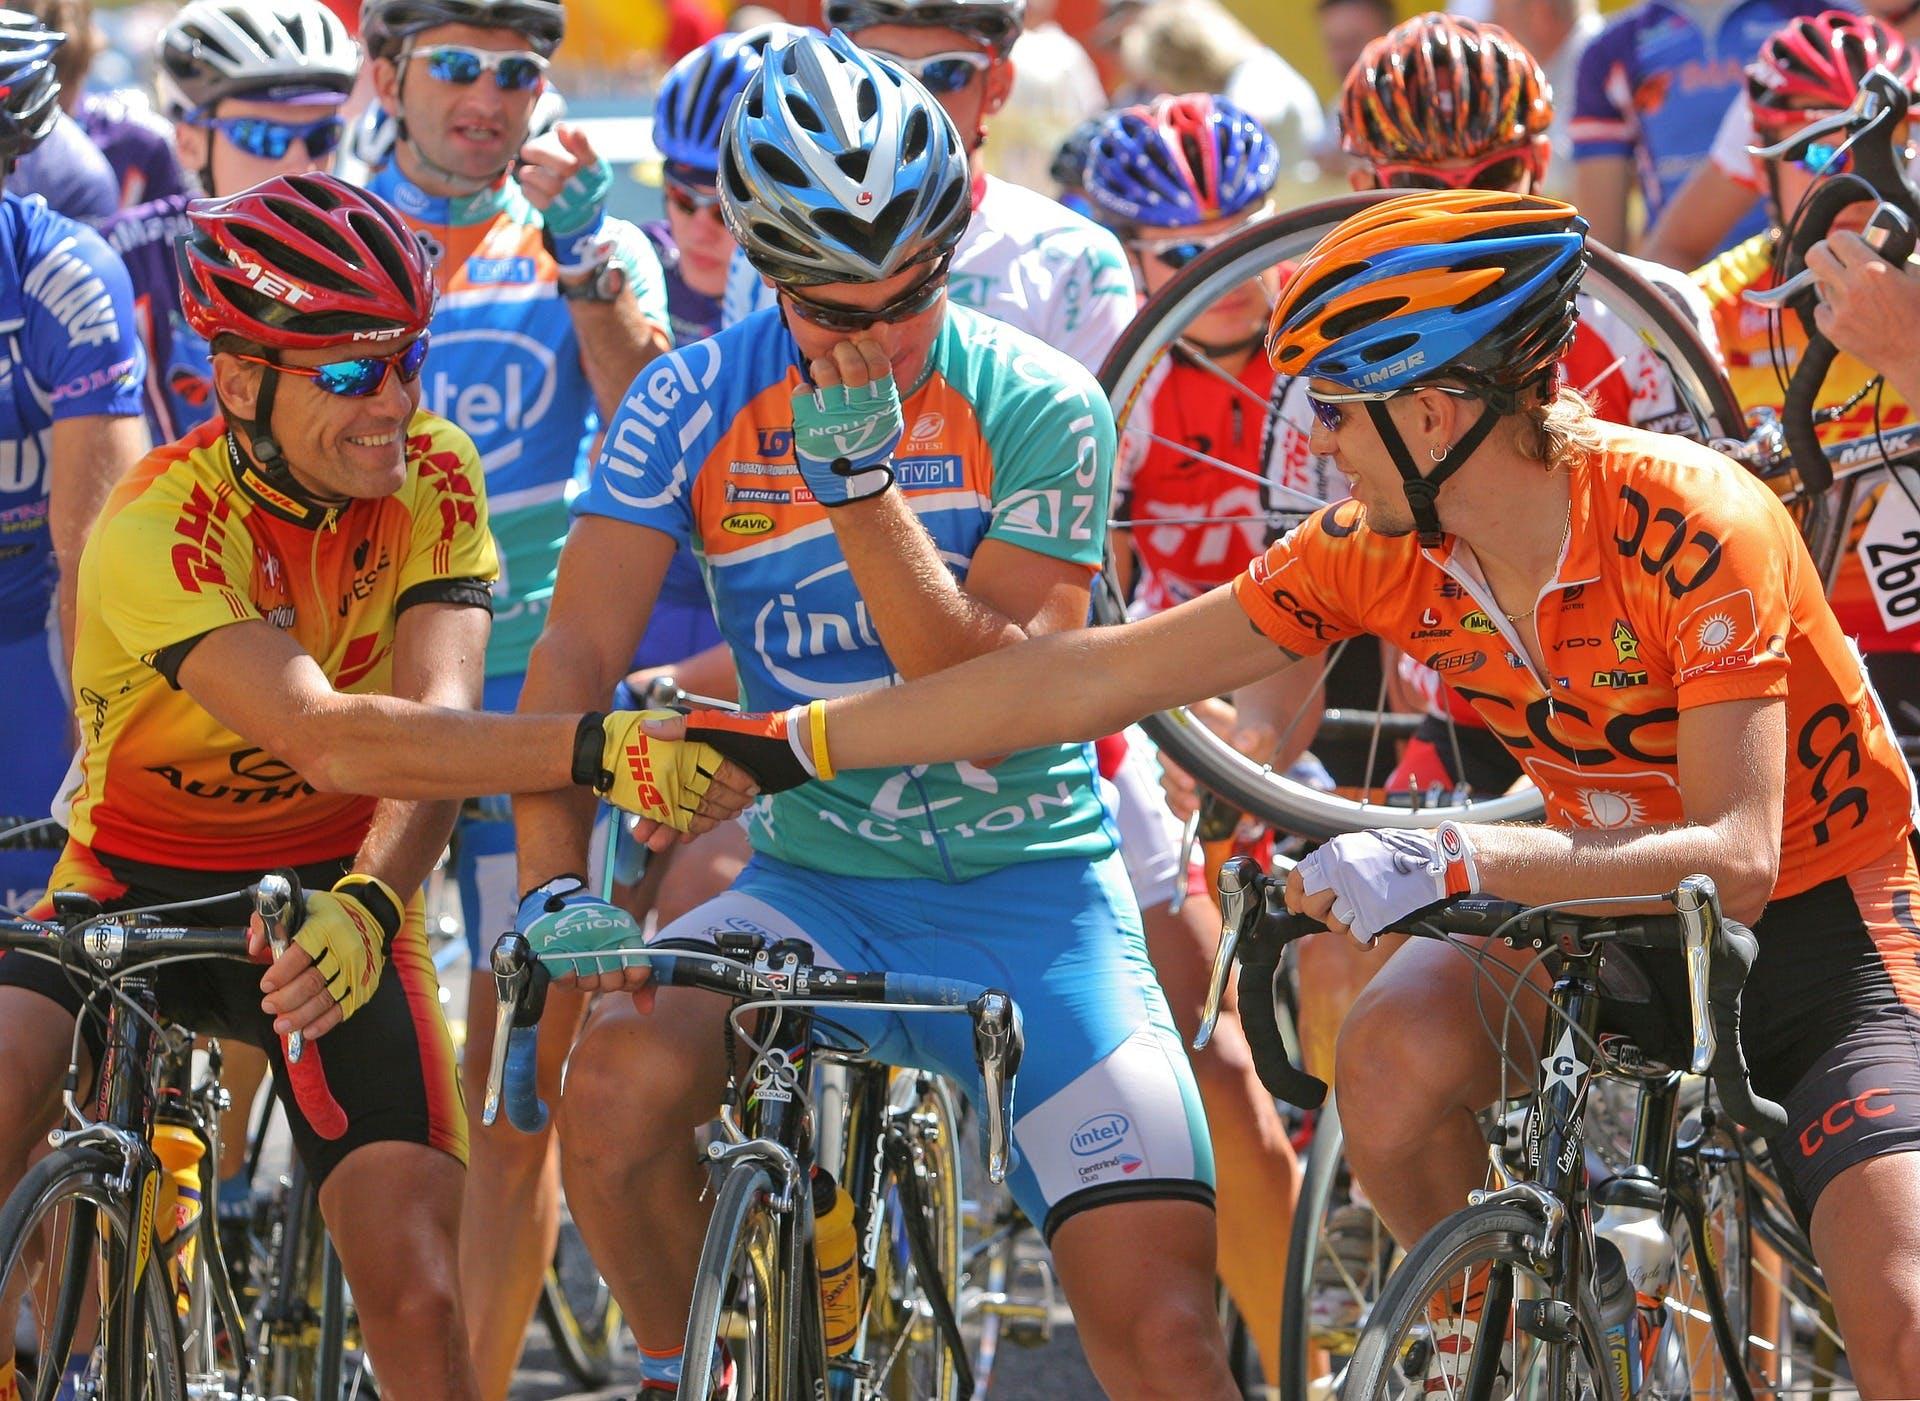 grupo de ciclistas em uma possível competição